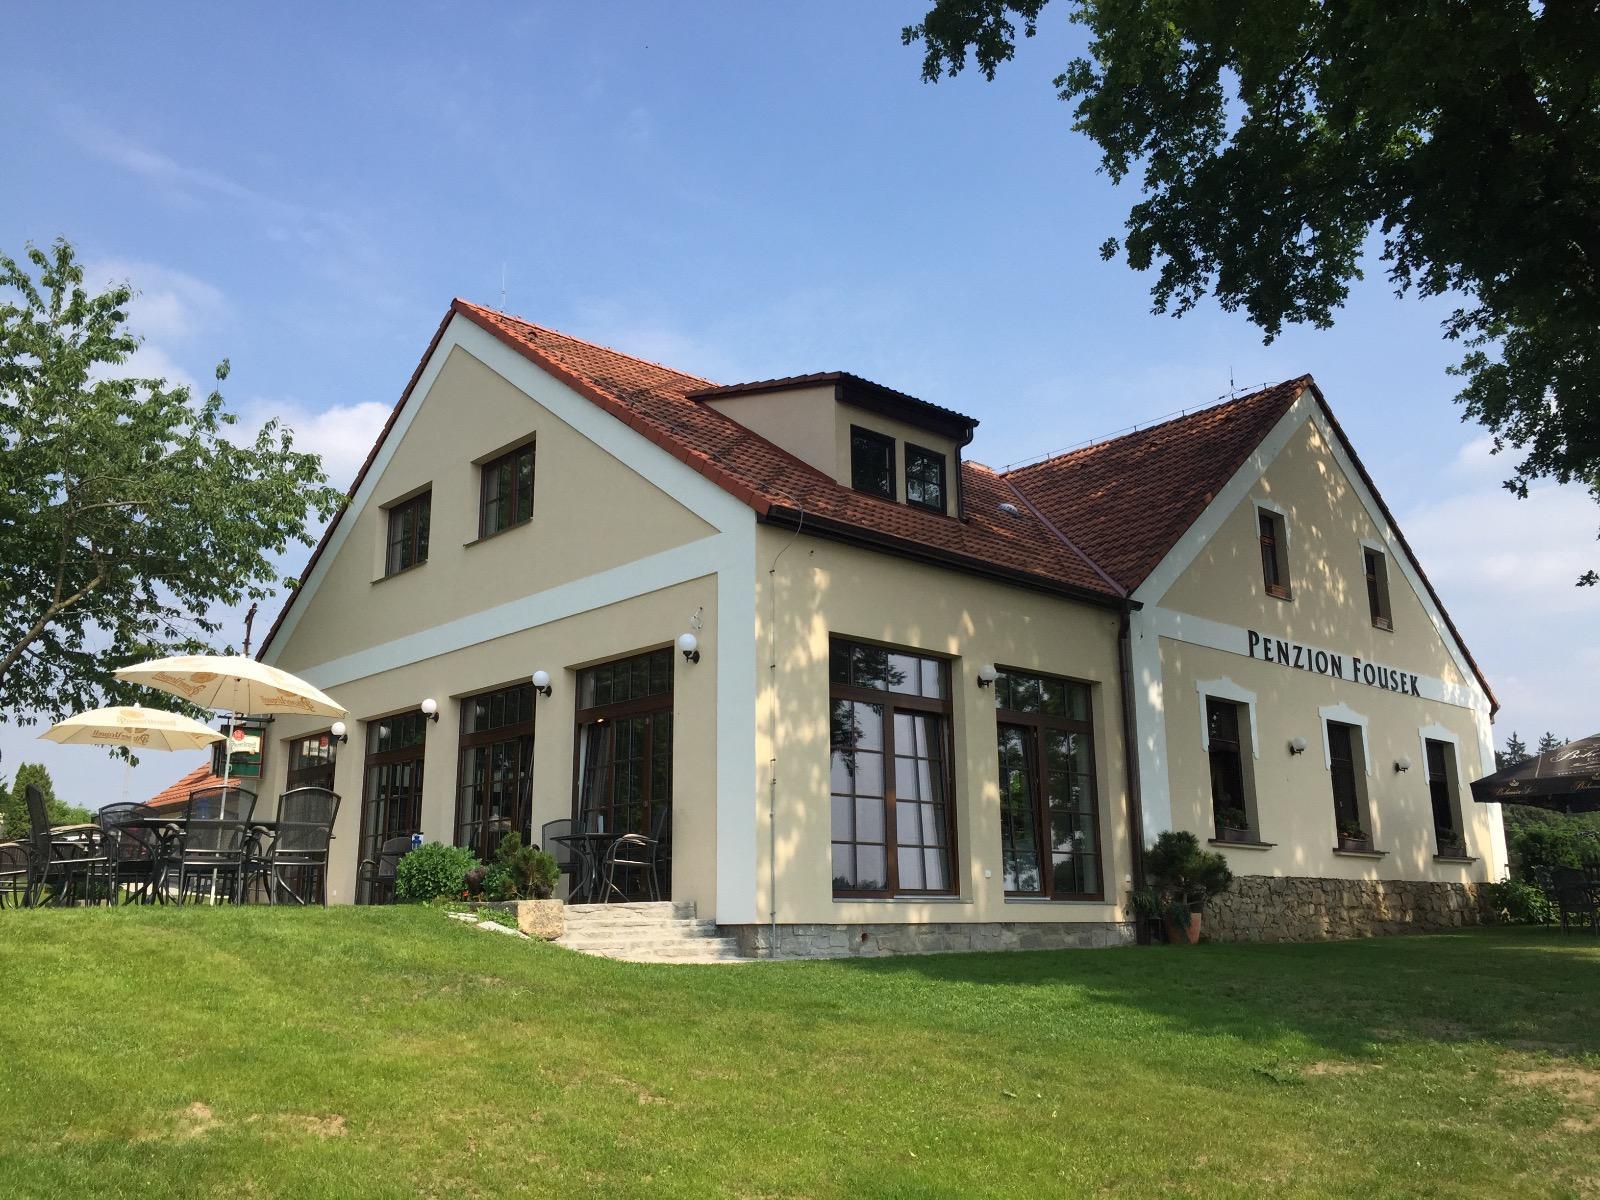 Svatební místa Jižní Čechy - Penzion Fousek, Zvíkov